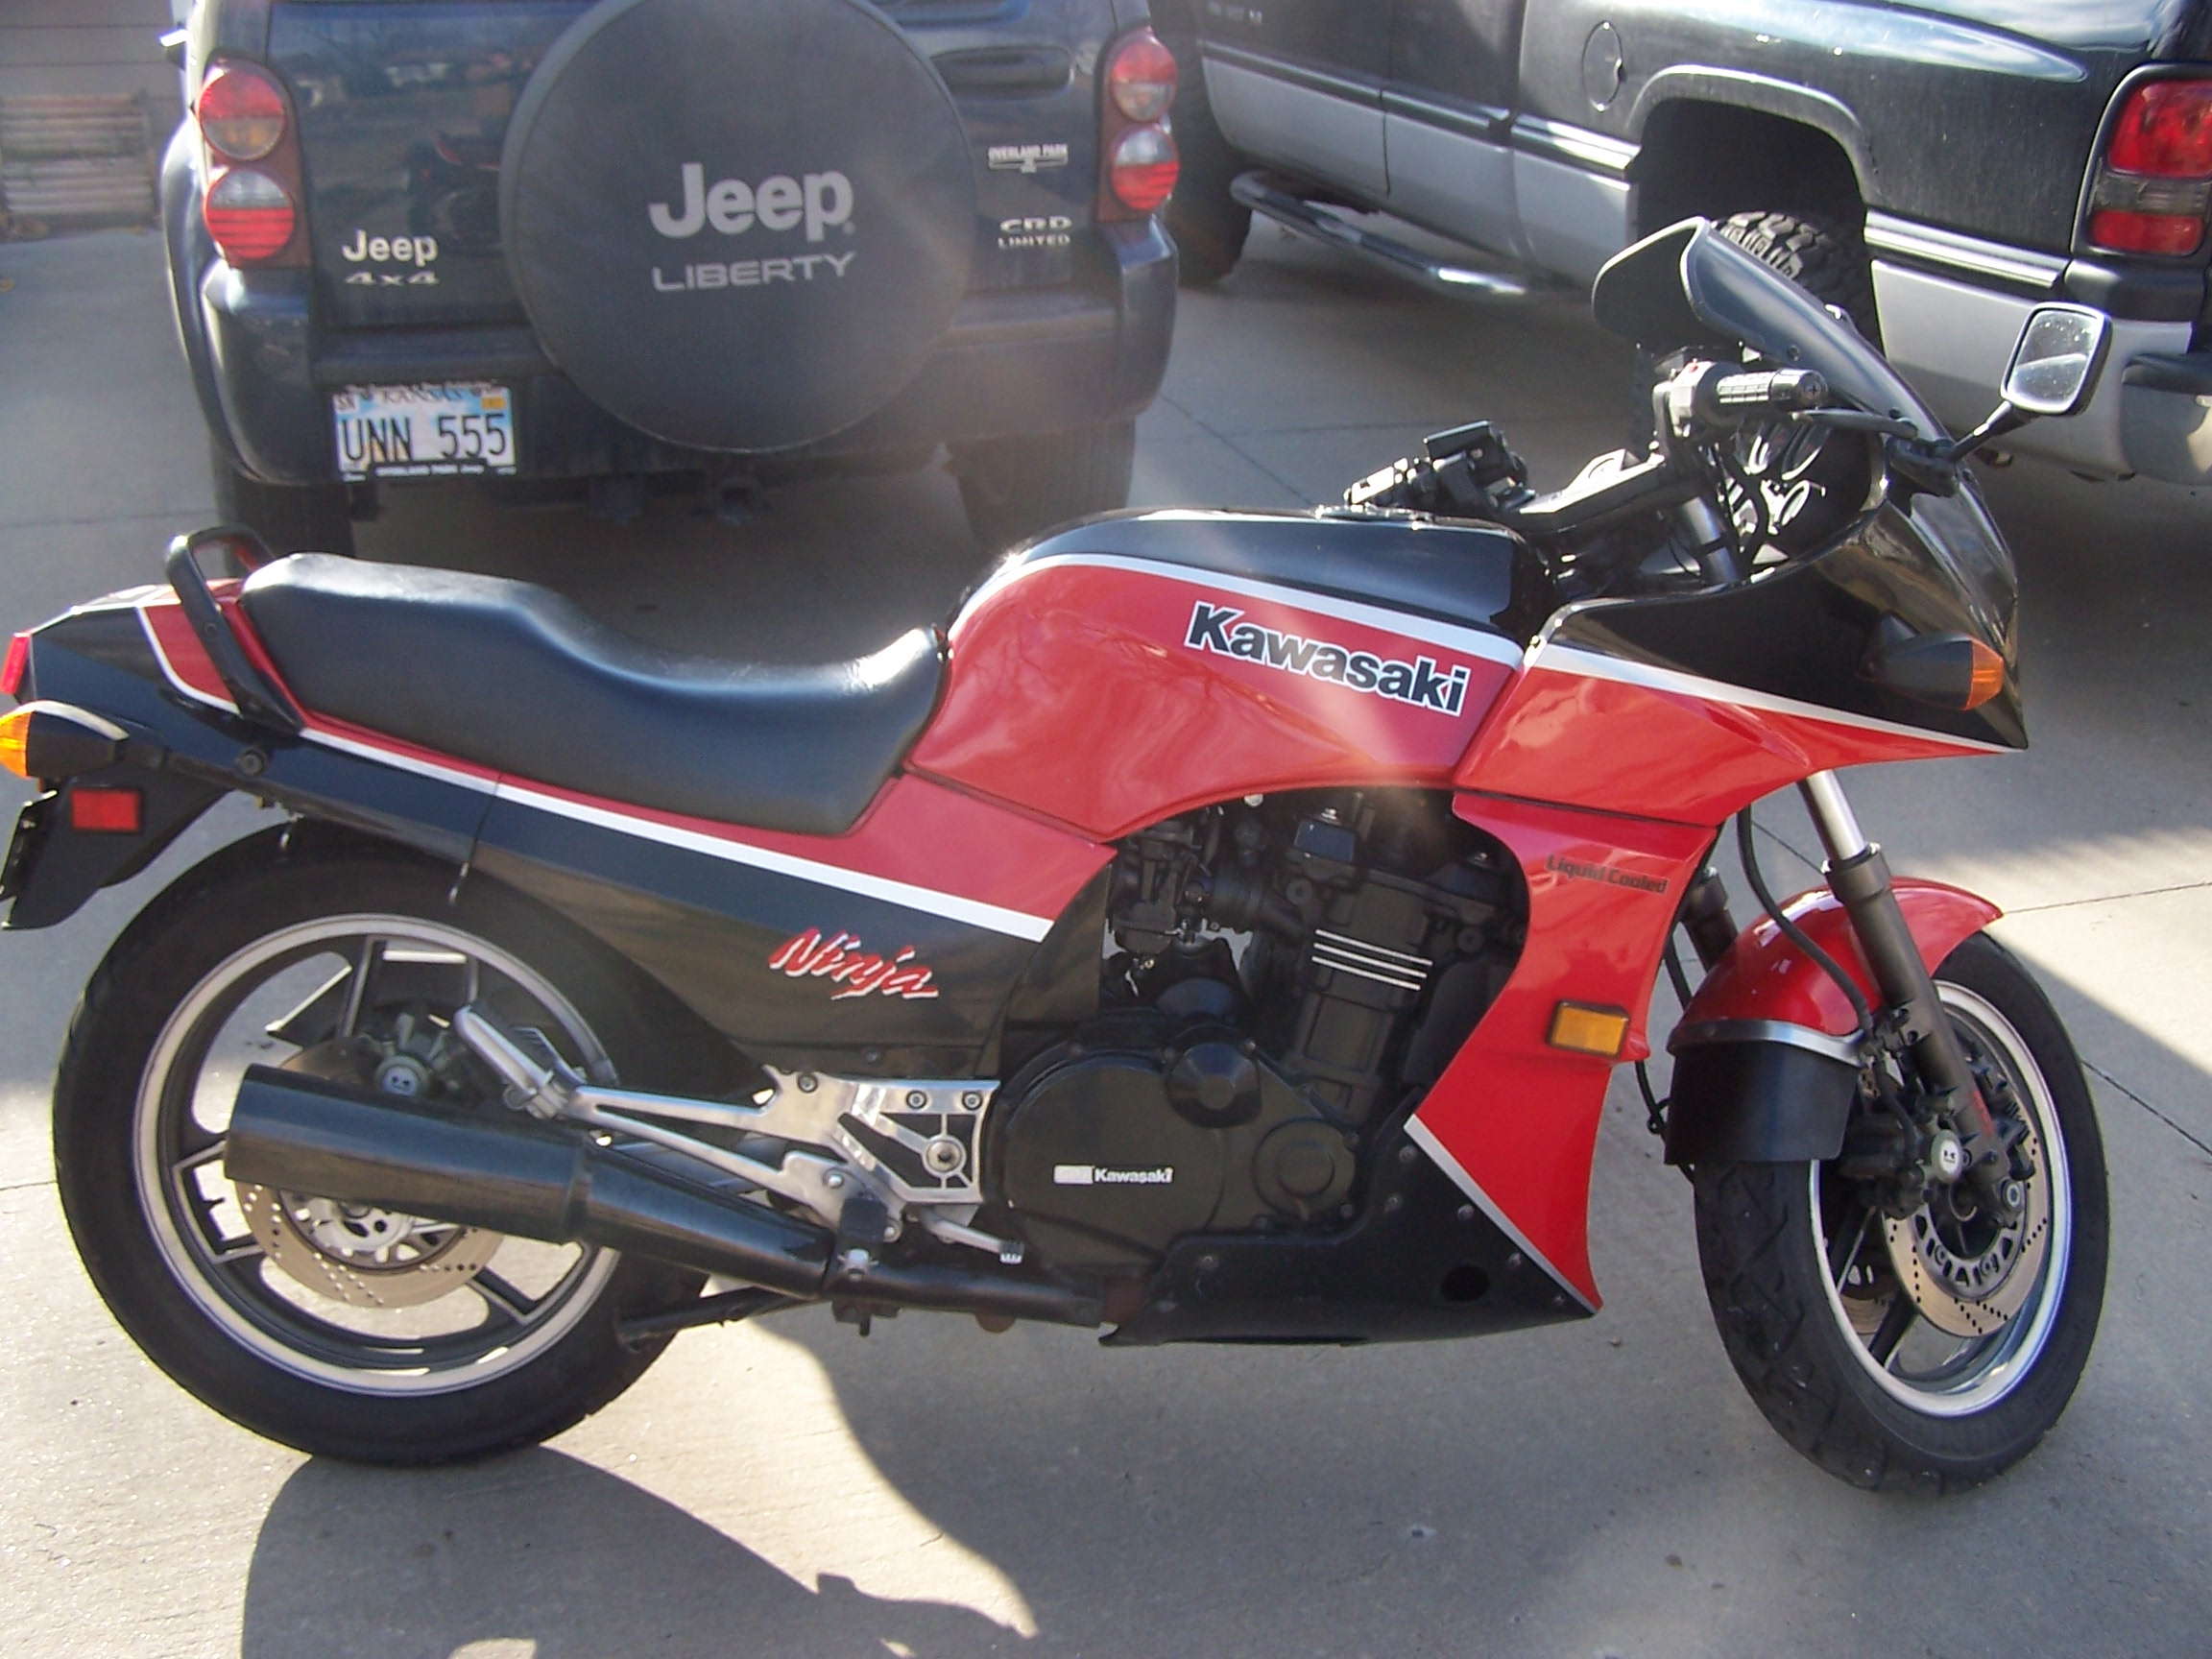 New member old school sport bike - Page 2 - Sportbikes.net